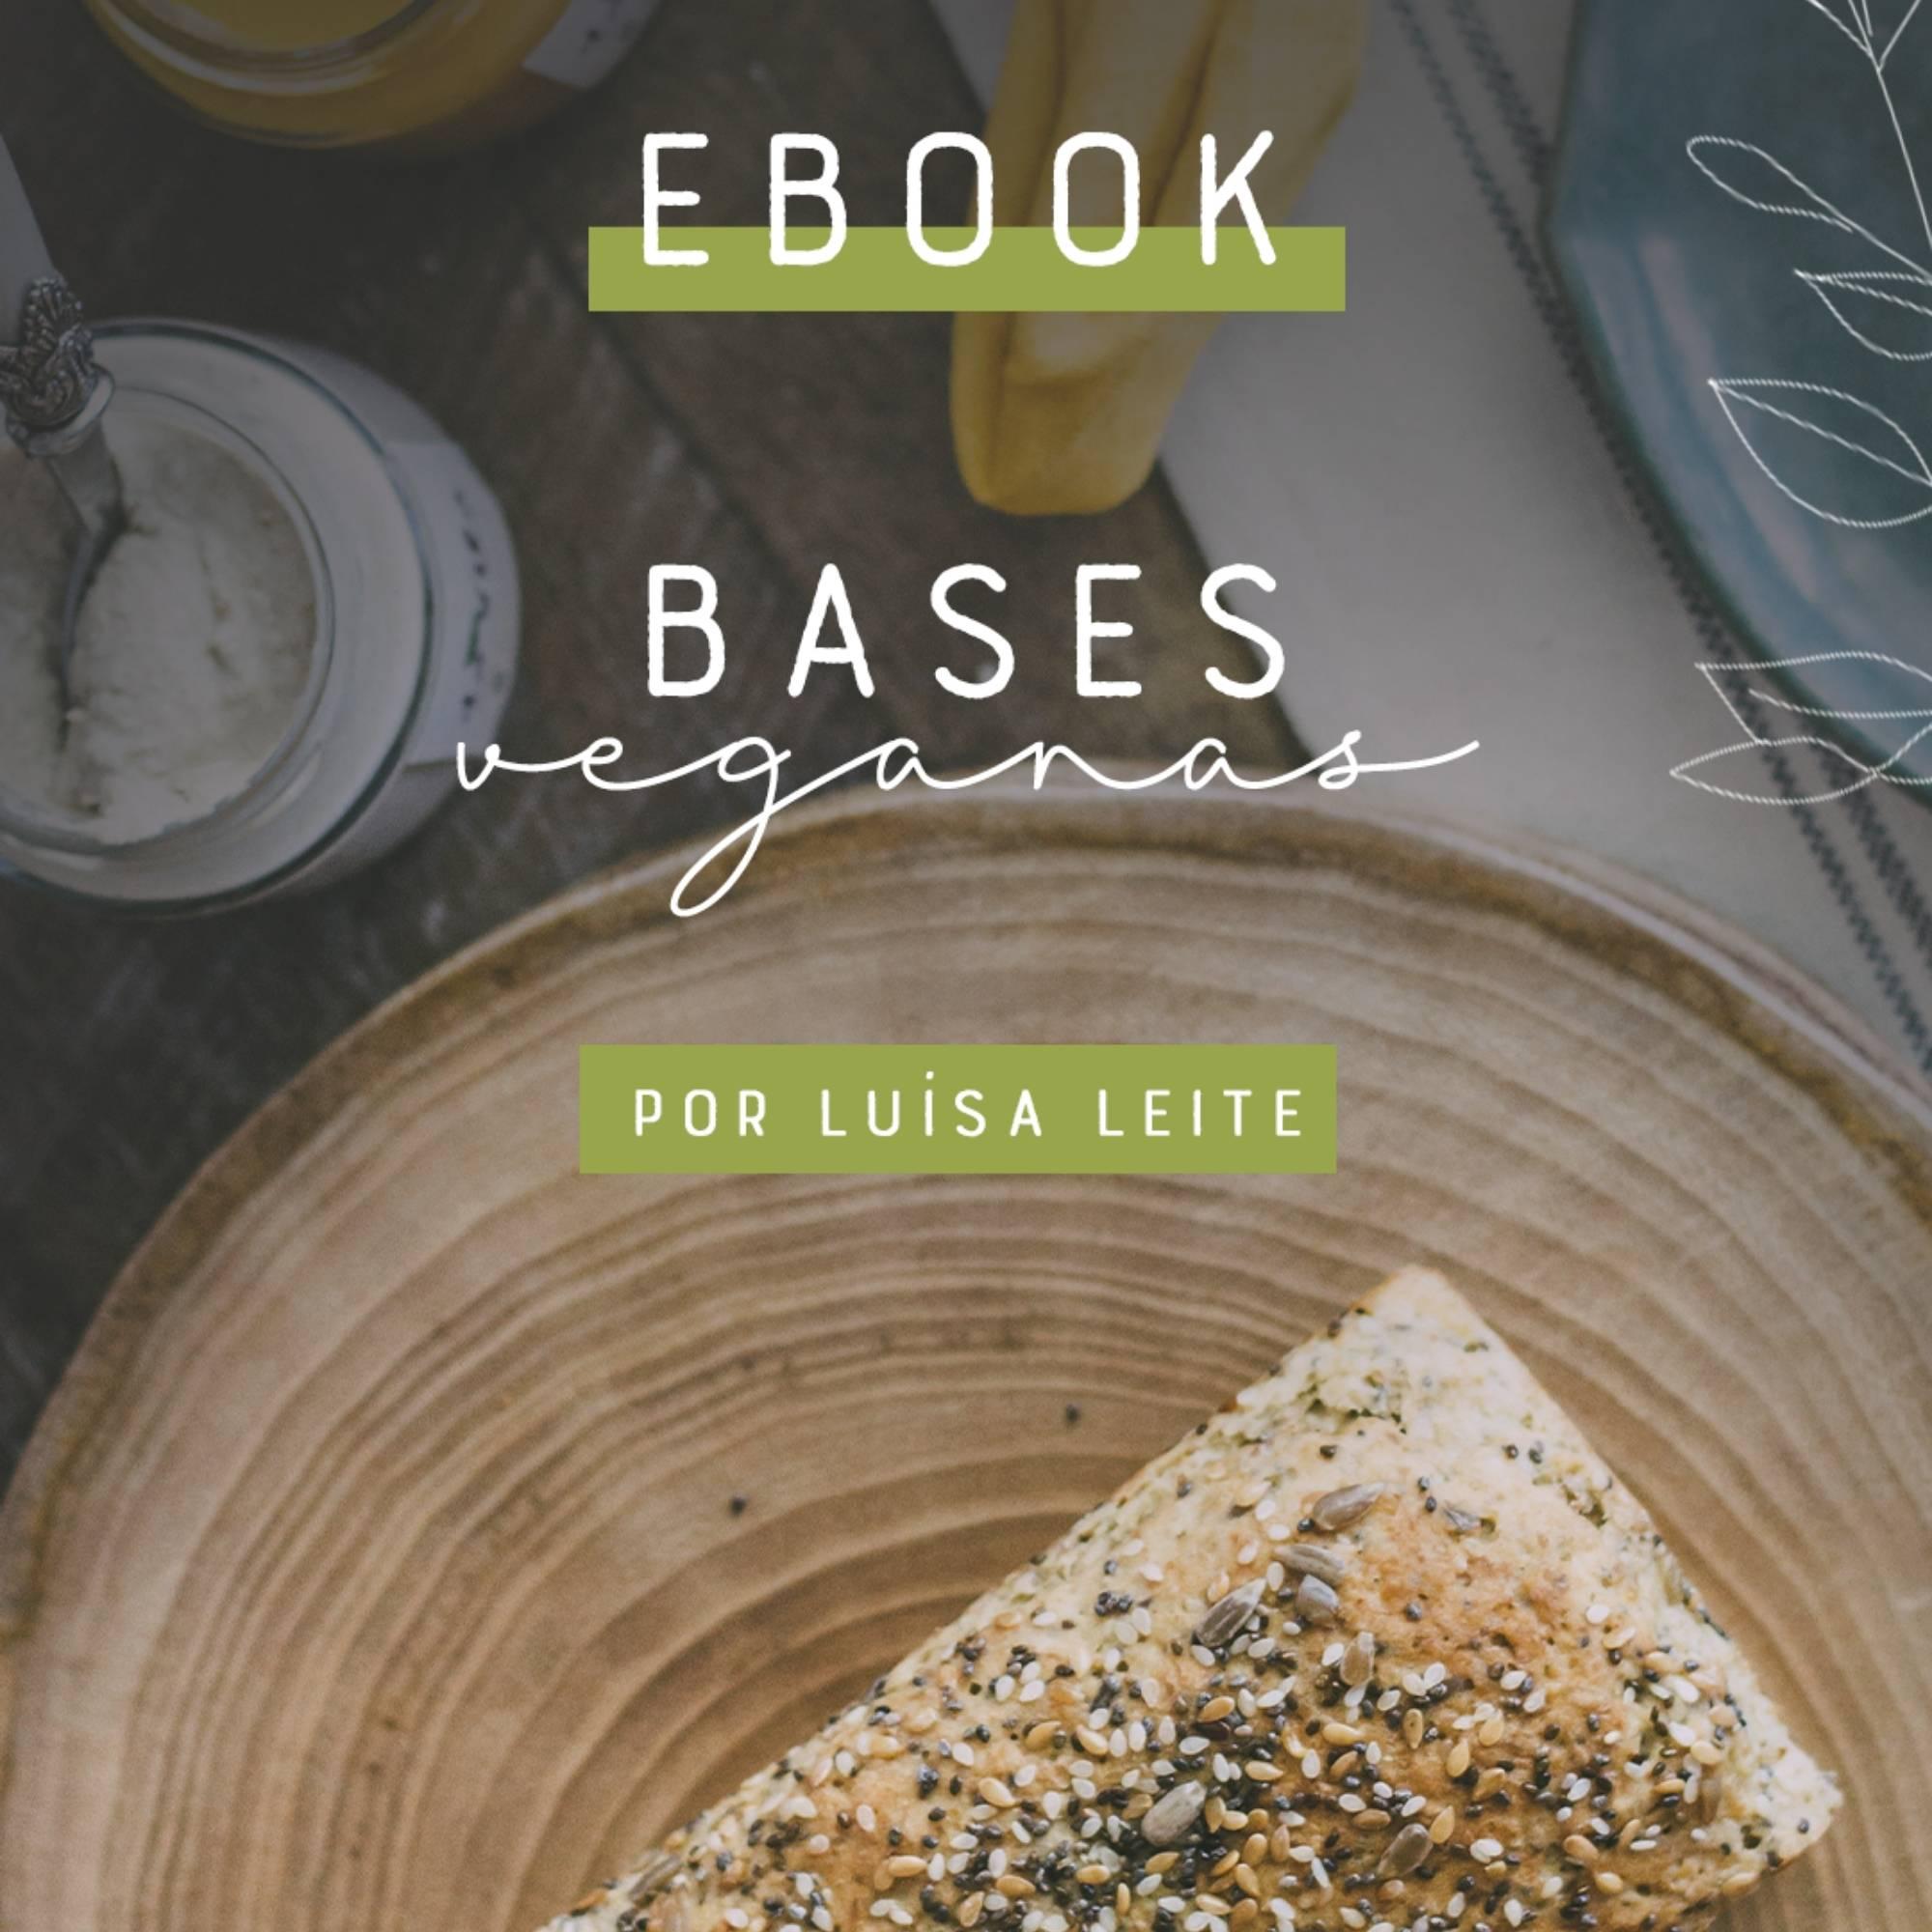 E-Book Bases Veganas